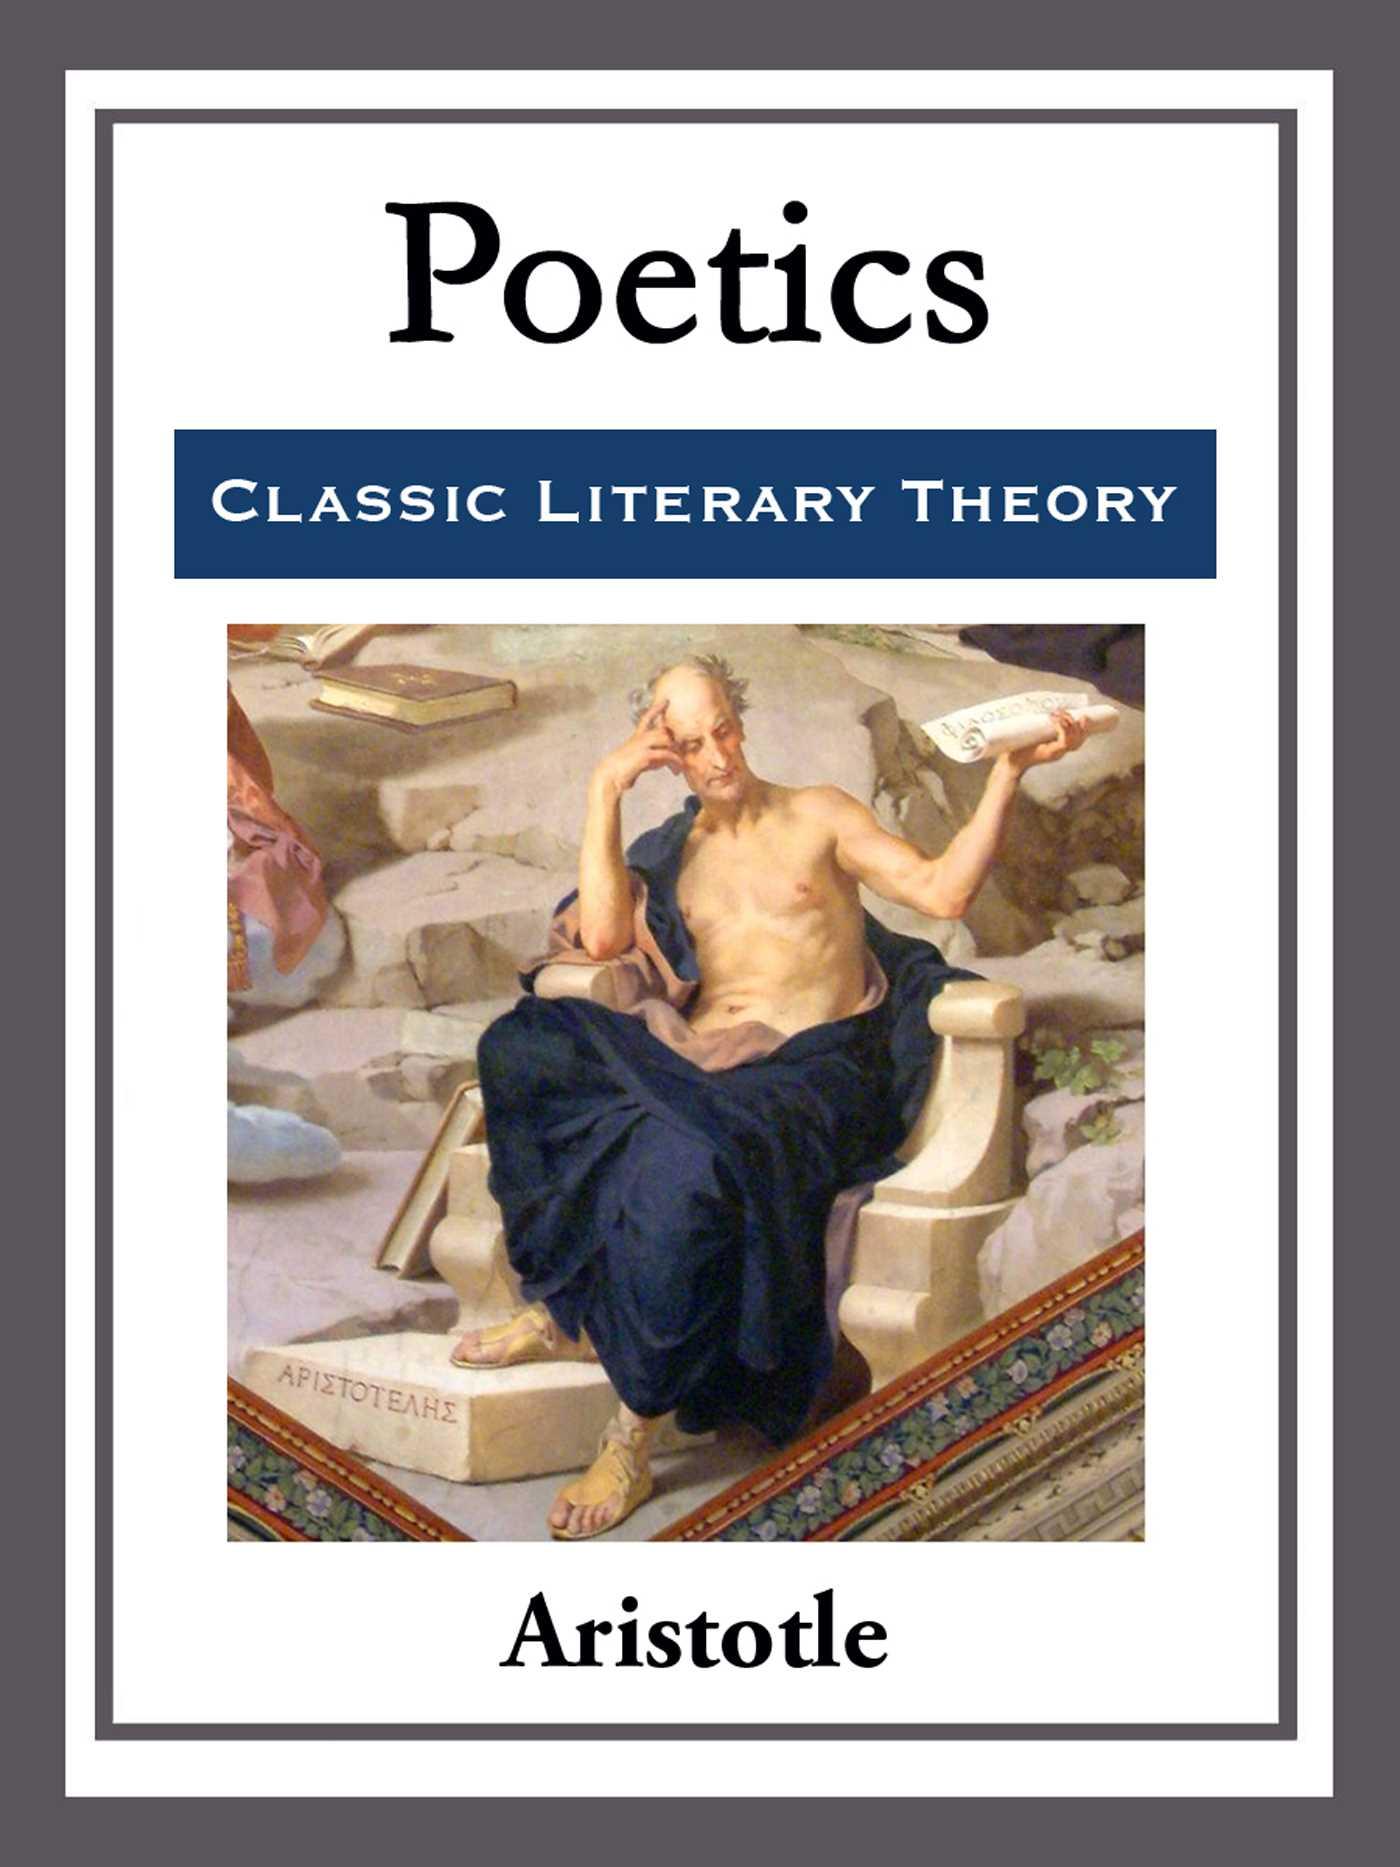 Poetics 9781681465371 hr